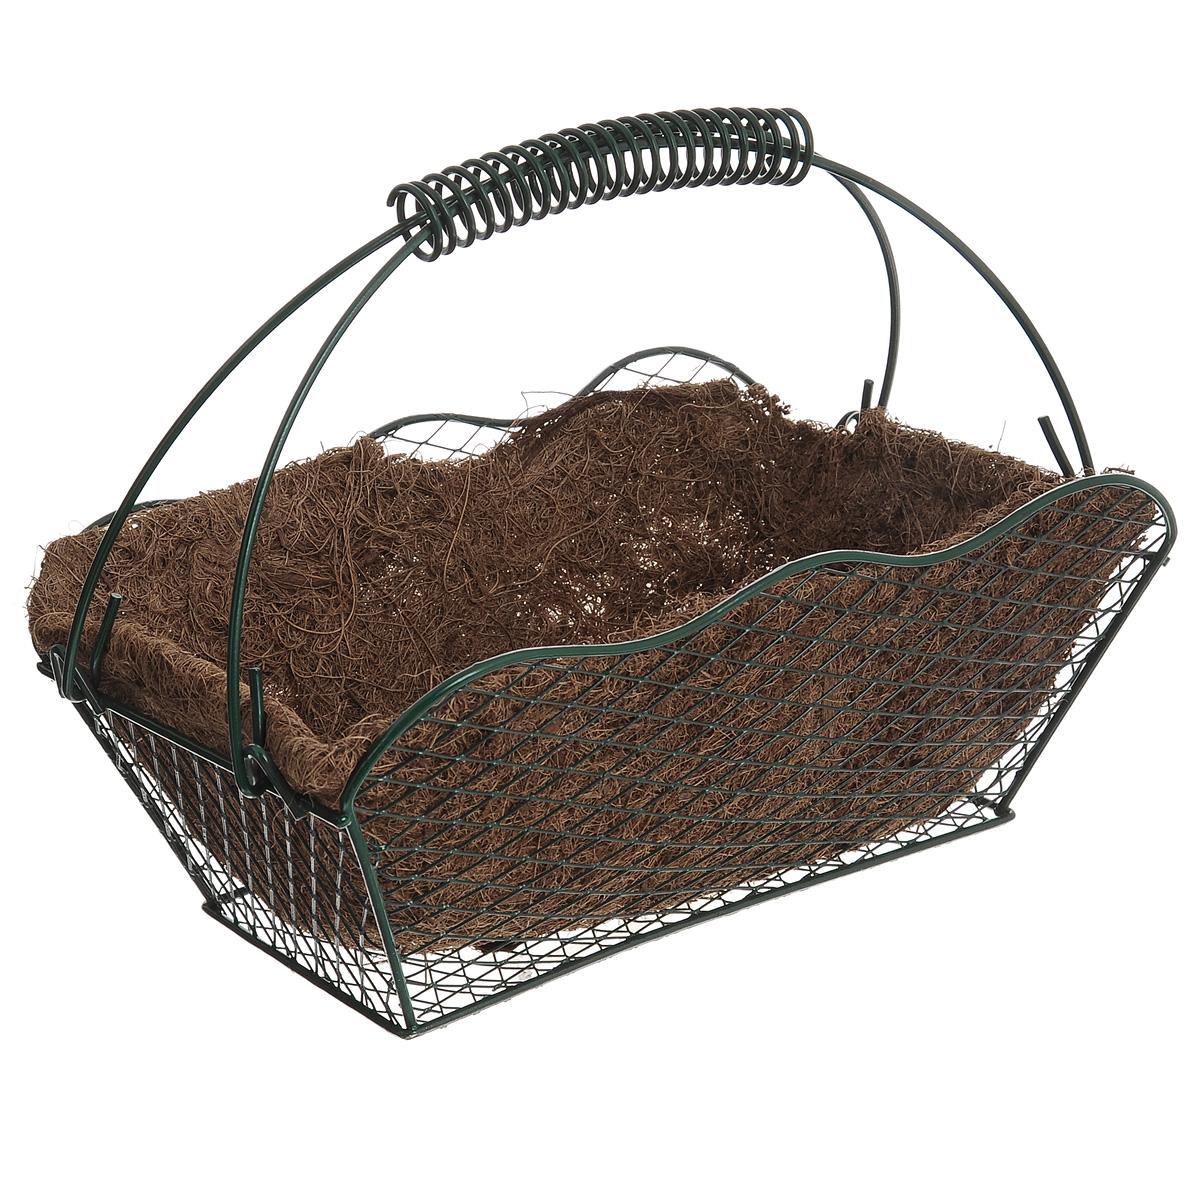 Корзина Greenell, с вкладышем, 27 х 16,5 х 20 смWB16-25Корзина Greenell изготовлена из стали, оснащена вкладышем из кокосового волокна. Корзина предназначена для выращивания цветов и других декоративных растений. В ней хорошо будут расти любые цветы: кокосовое волокно является идеальным субстратом для растений. Кокосовое волокно способствует сохранению в почве питательных веществ и сохранению комфортного для растений уровня влажности.